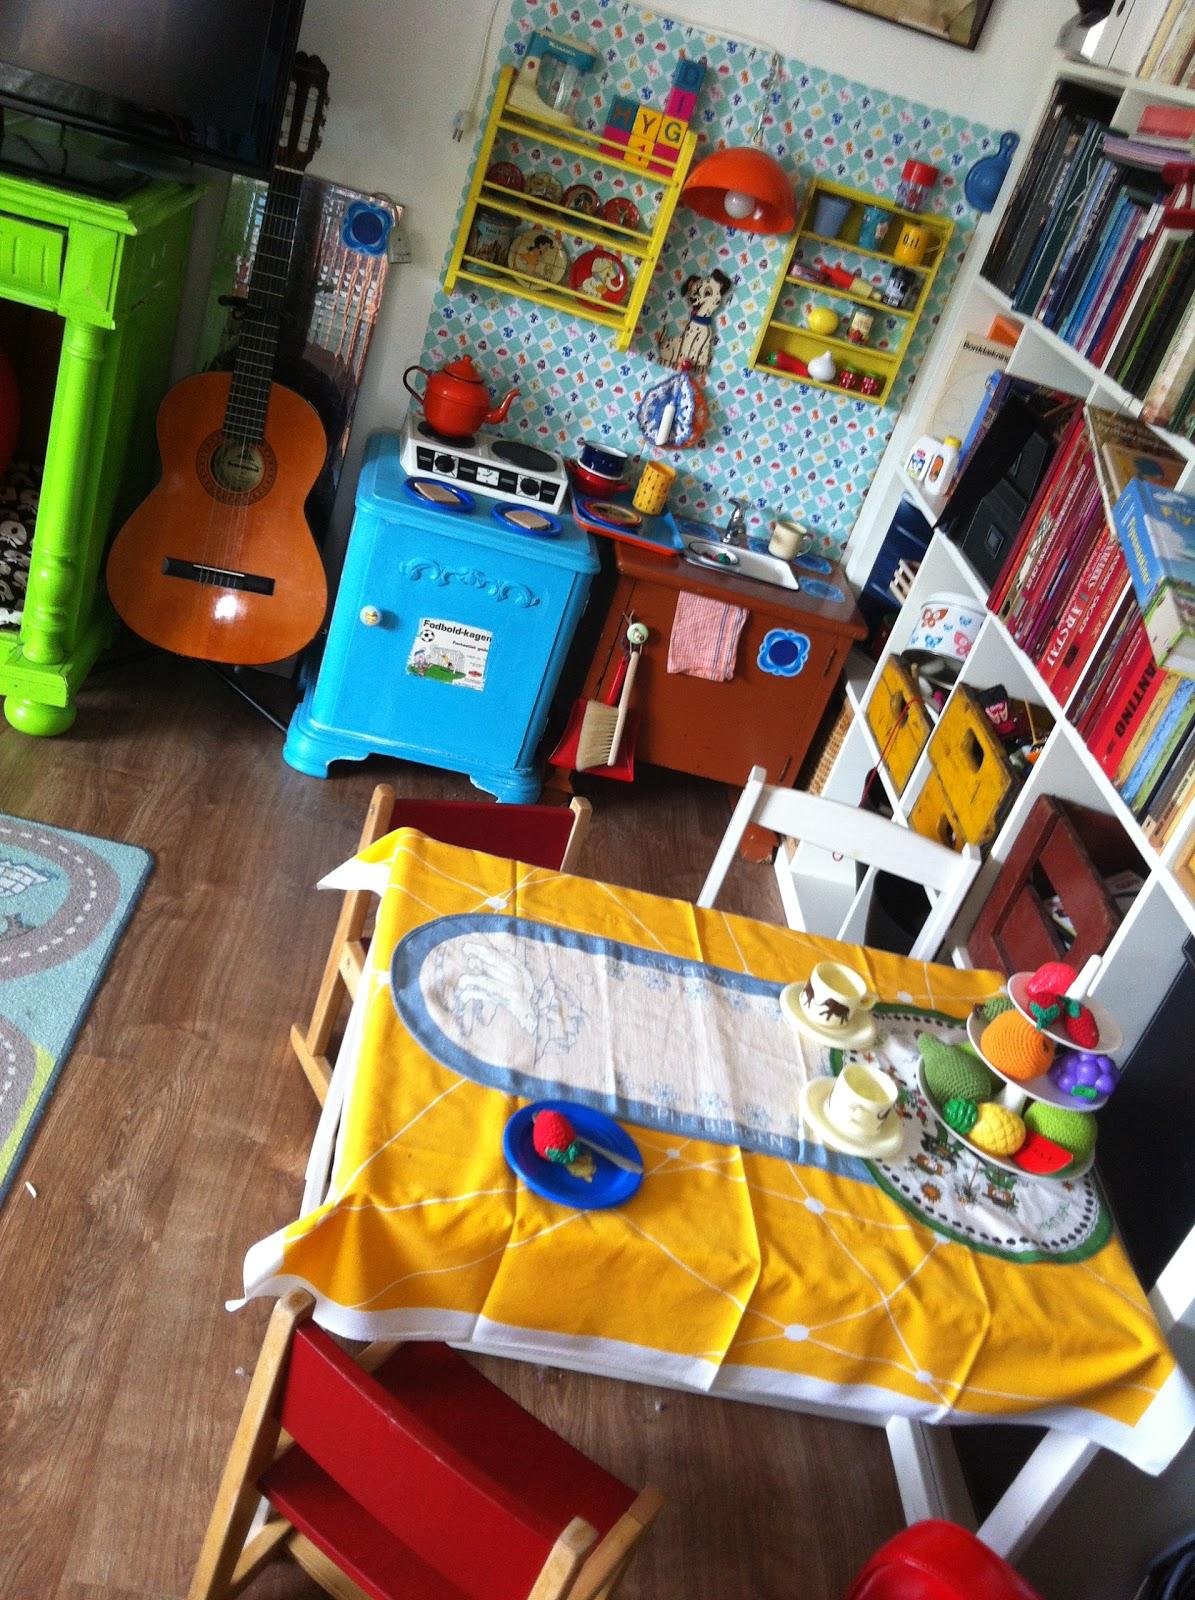 #0895C3 Bedst Legekøkken Projekt Gør Det Selv Playkitchen DIY Karolines Blog Gør Det Selv Skab 6043 119516006043